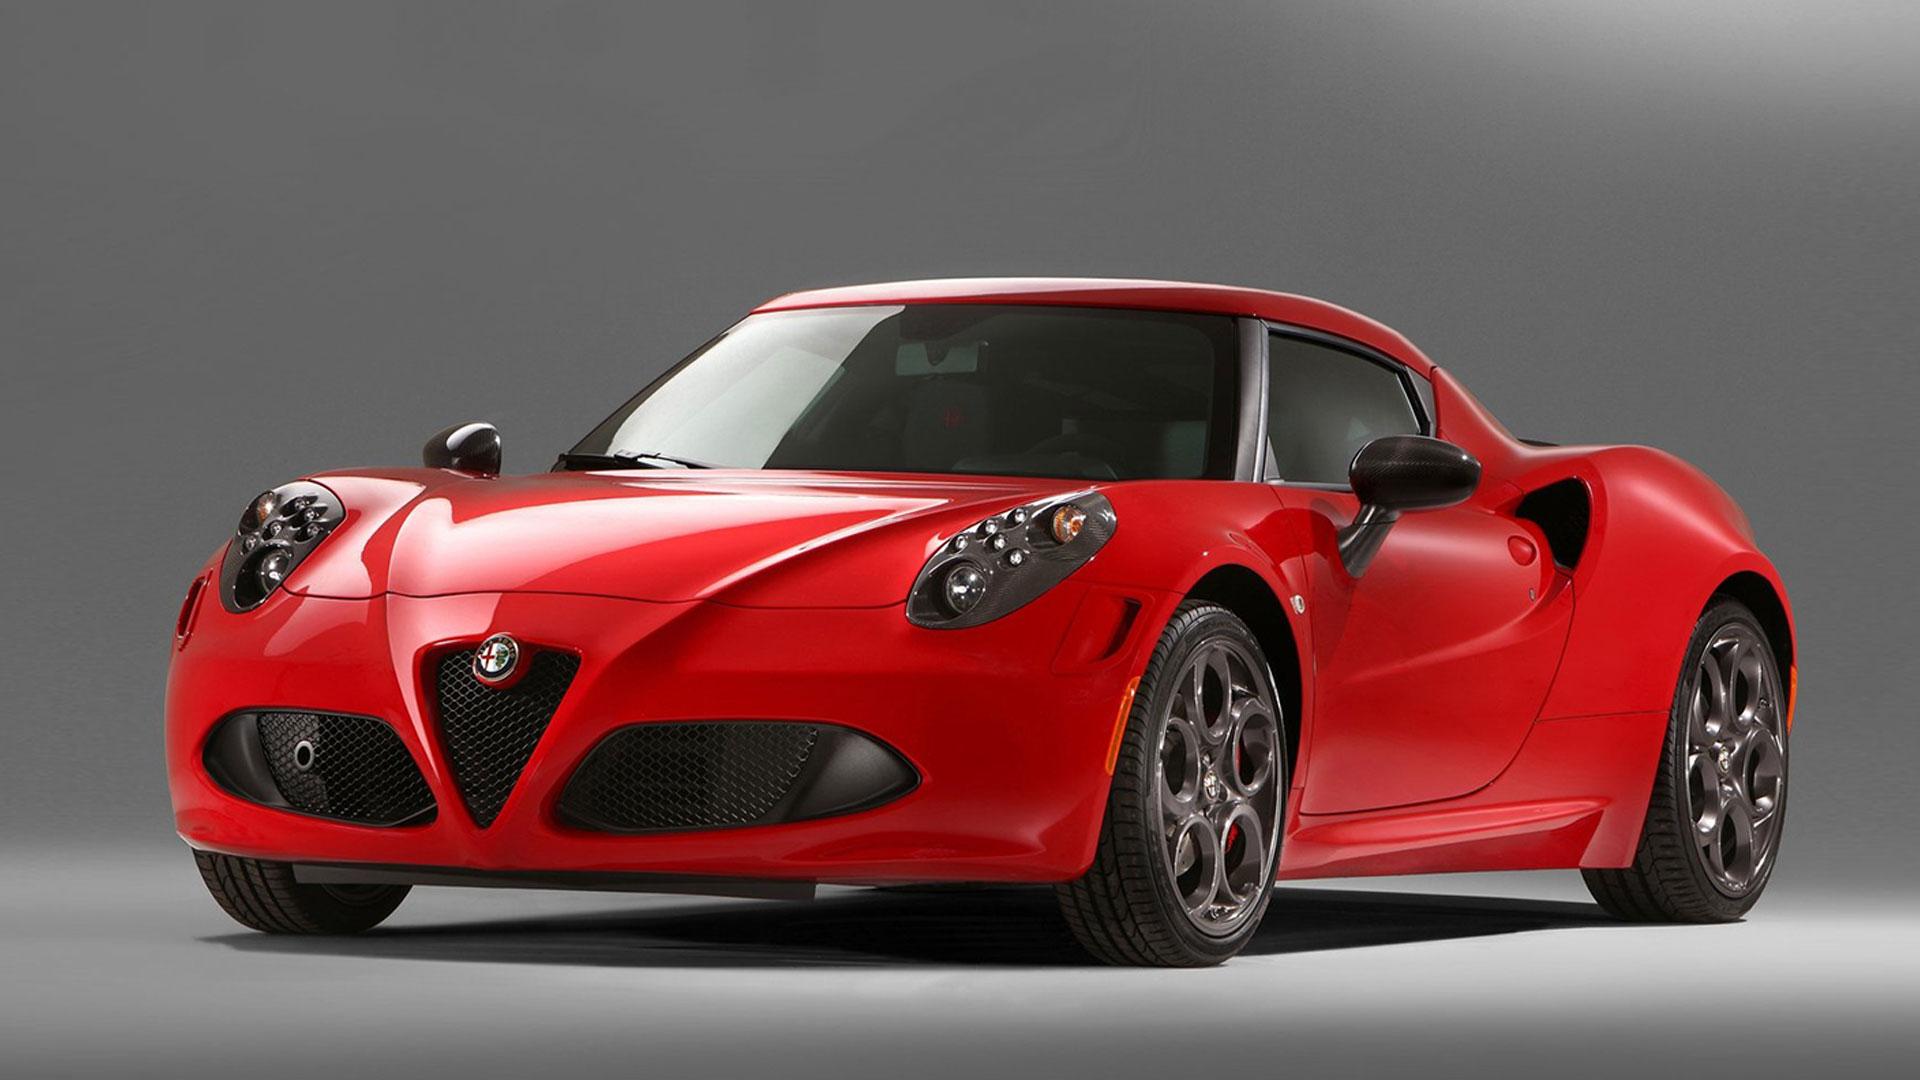 Free Download Get Red Alfa Romeo 4c Wallpaper Wallpaper For